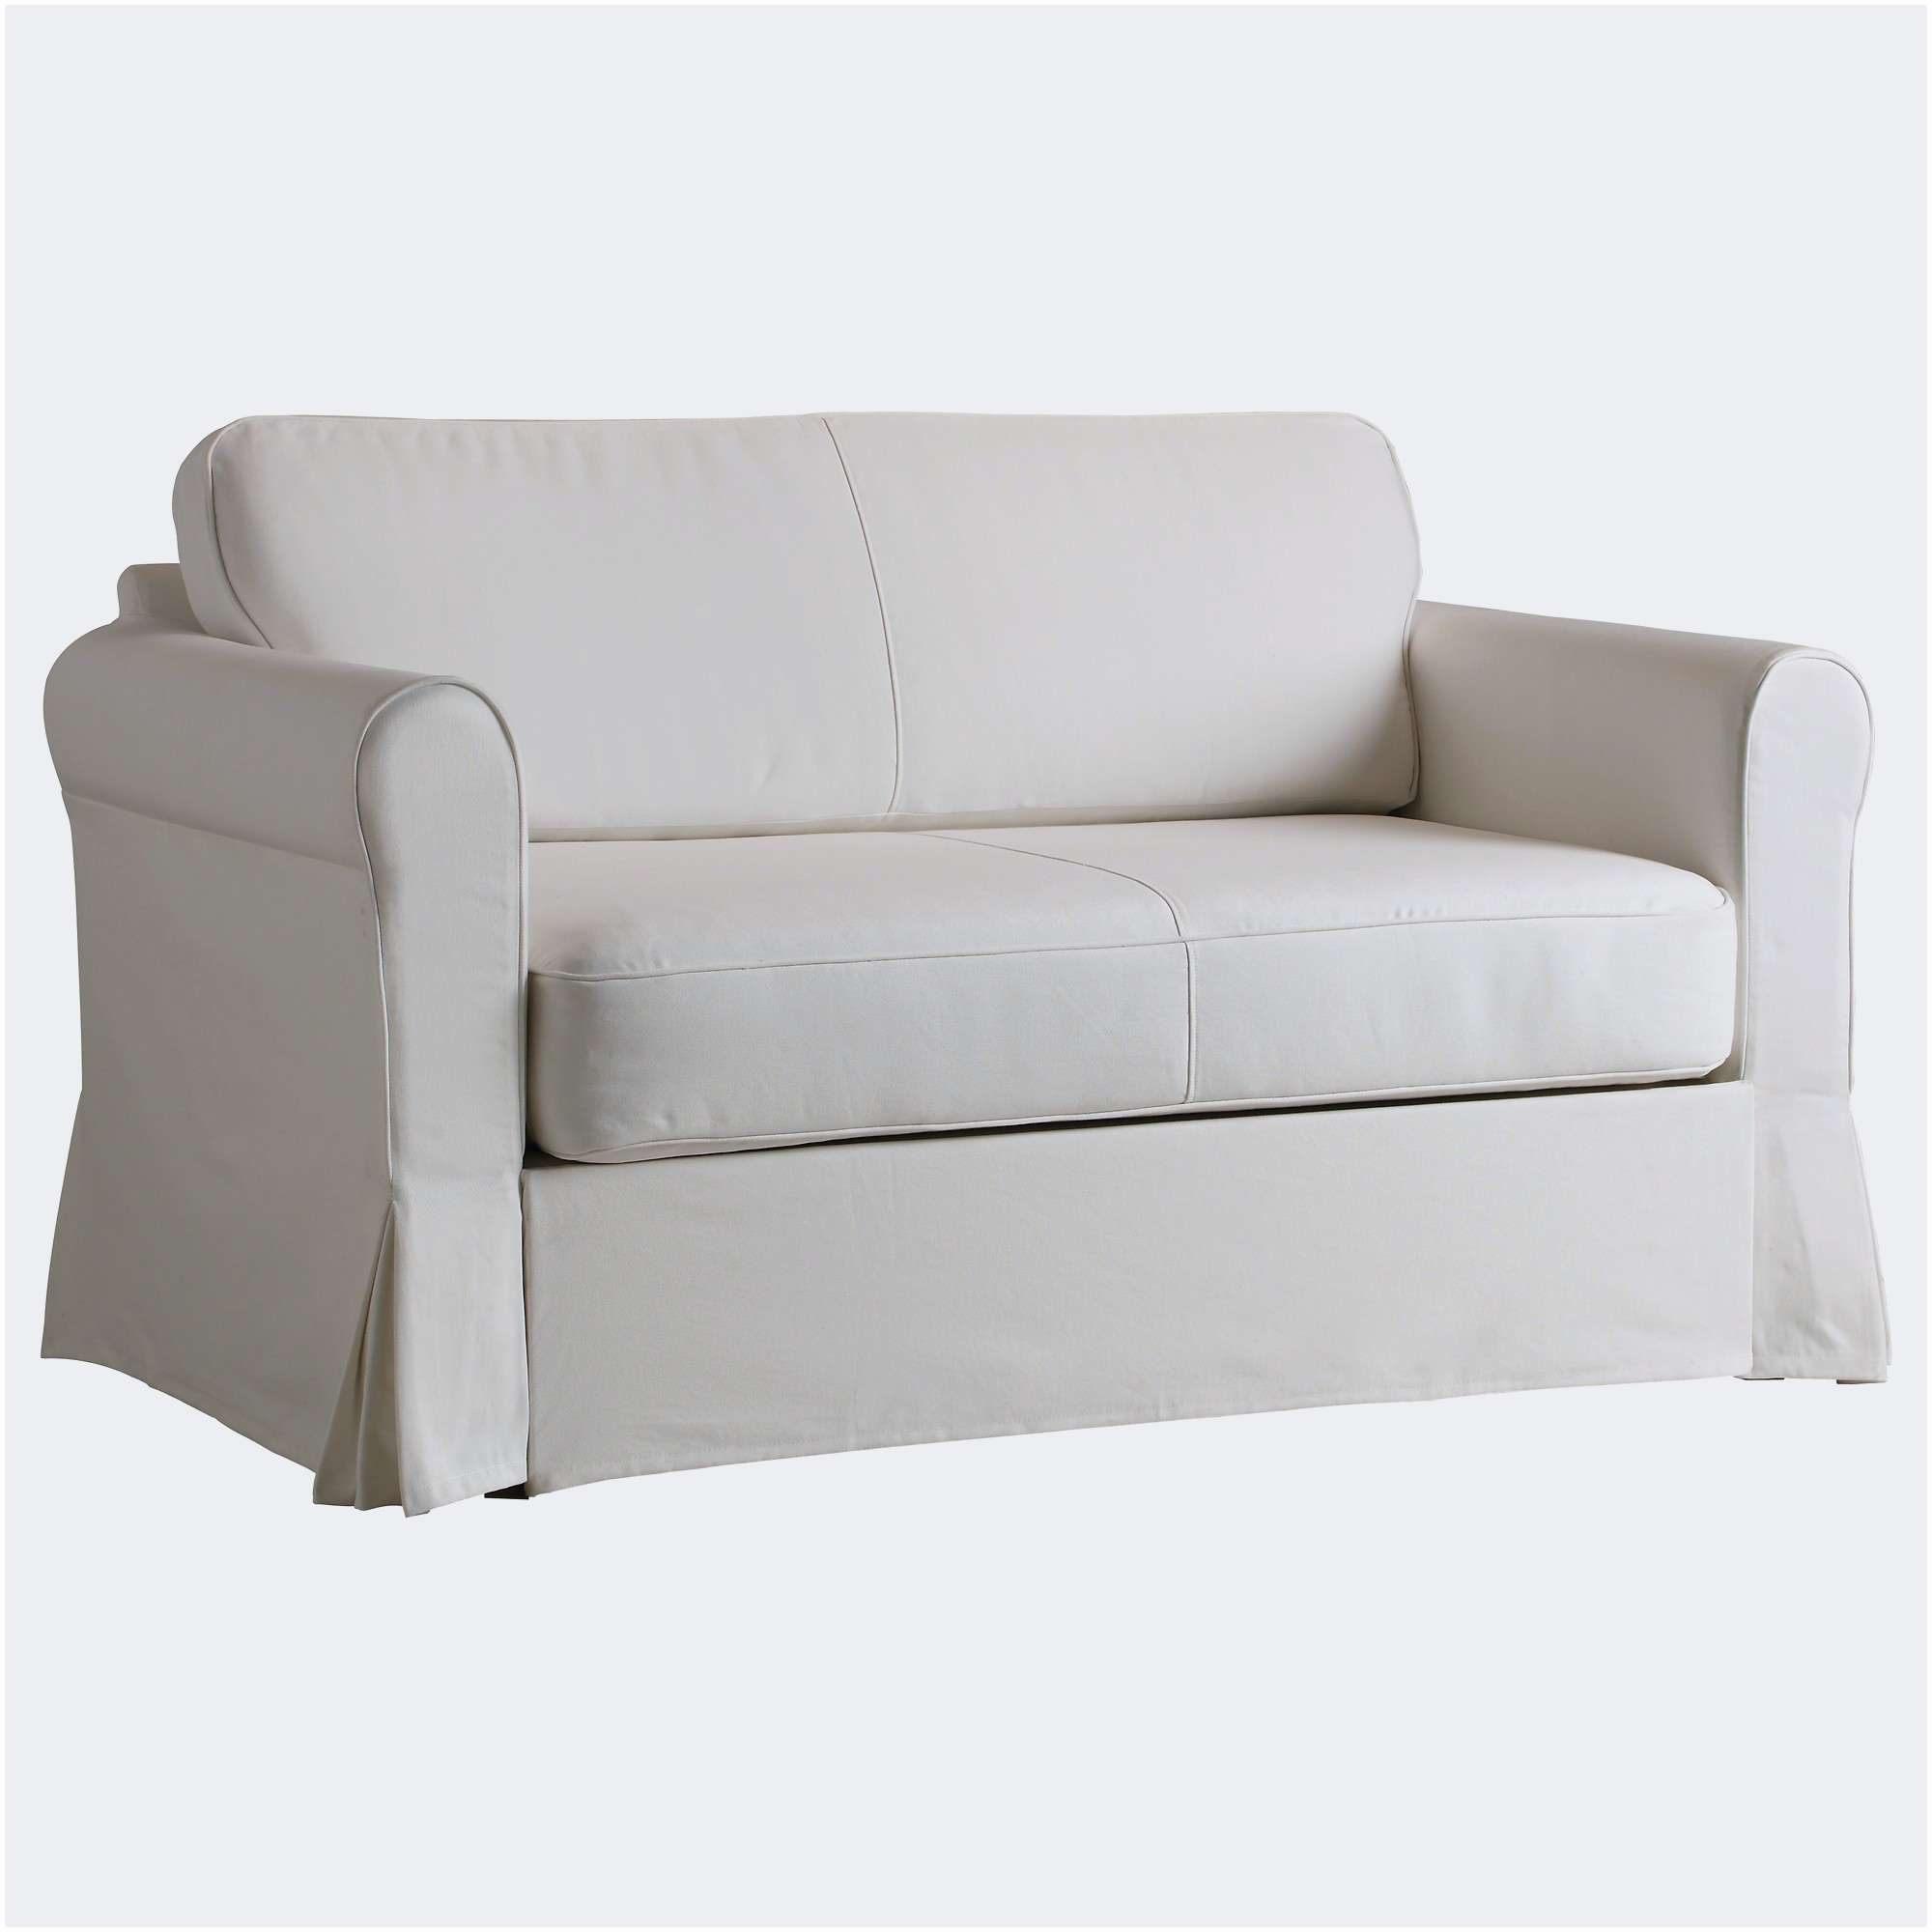 Lit Mezzanine Canapé Charmant Inspiré Brillant Avec attrayant Canapé Convertible Bureau Pour Votre